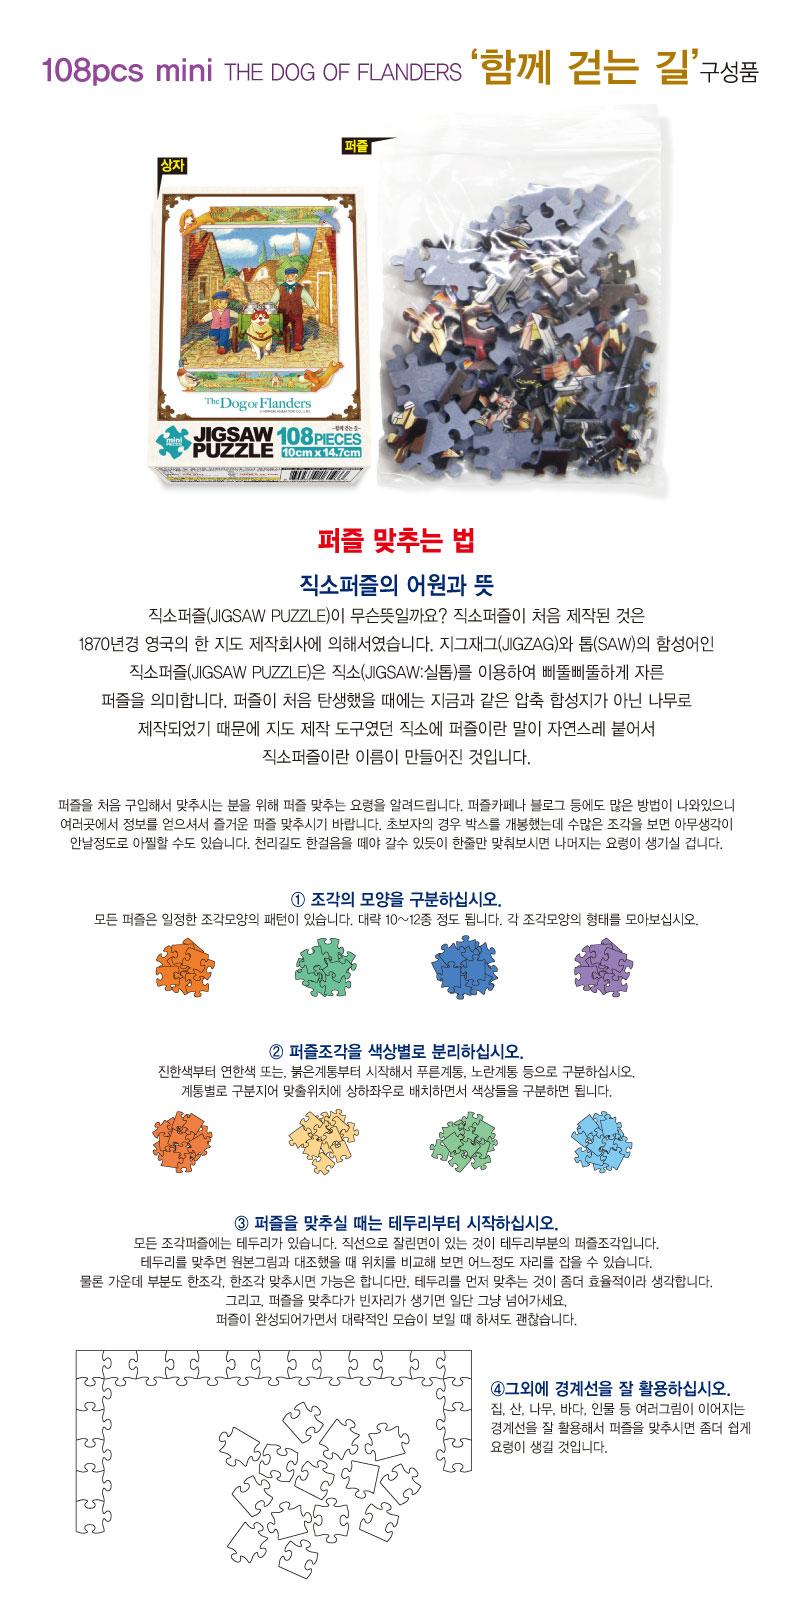 플란다스의 개 직소퍼즐 108pcs mini 함께 걷는 길 - 학산직소퍼즐, 5,000원, 조각/퍼즐, 캐릭터 직소퍼즐